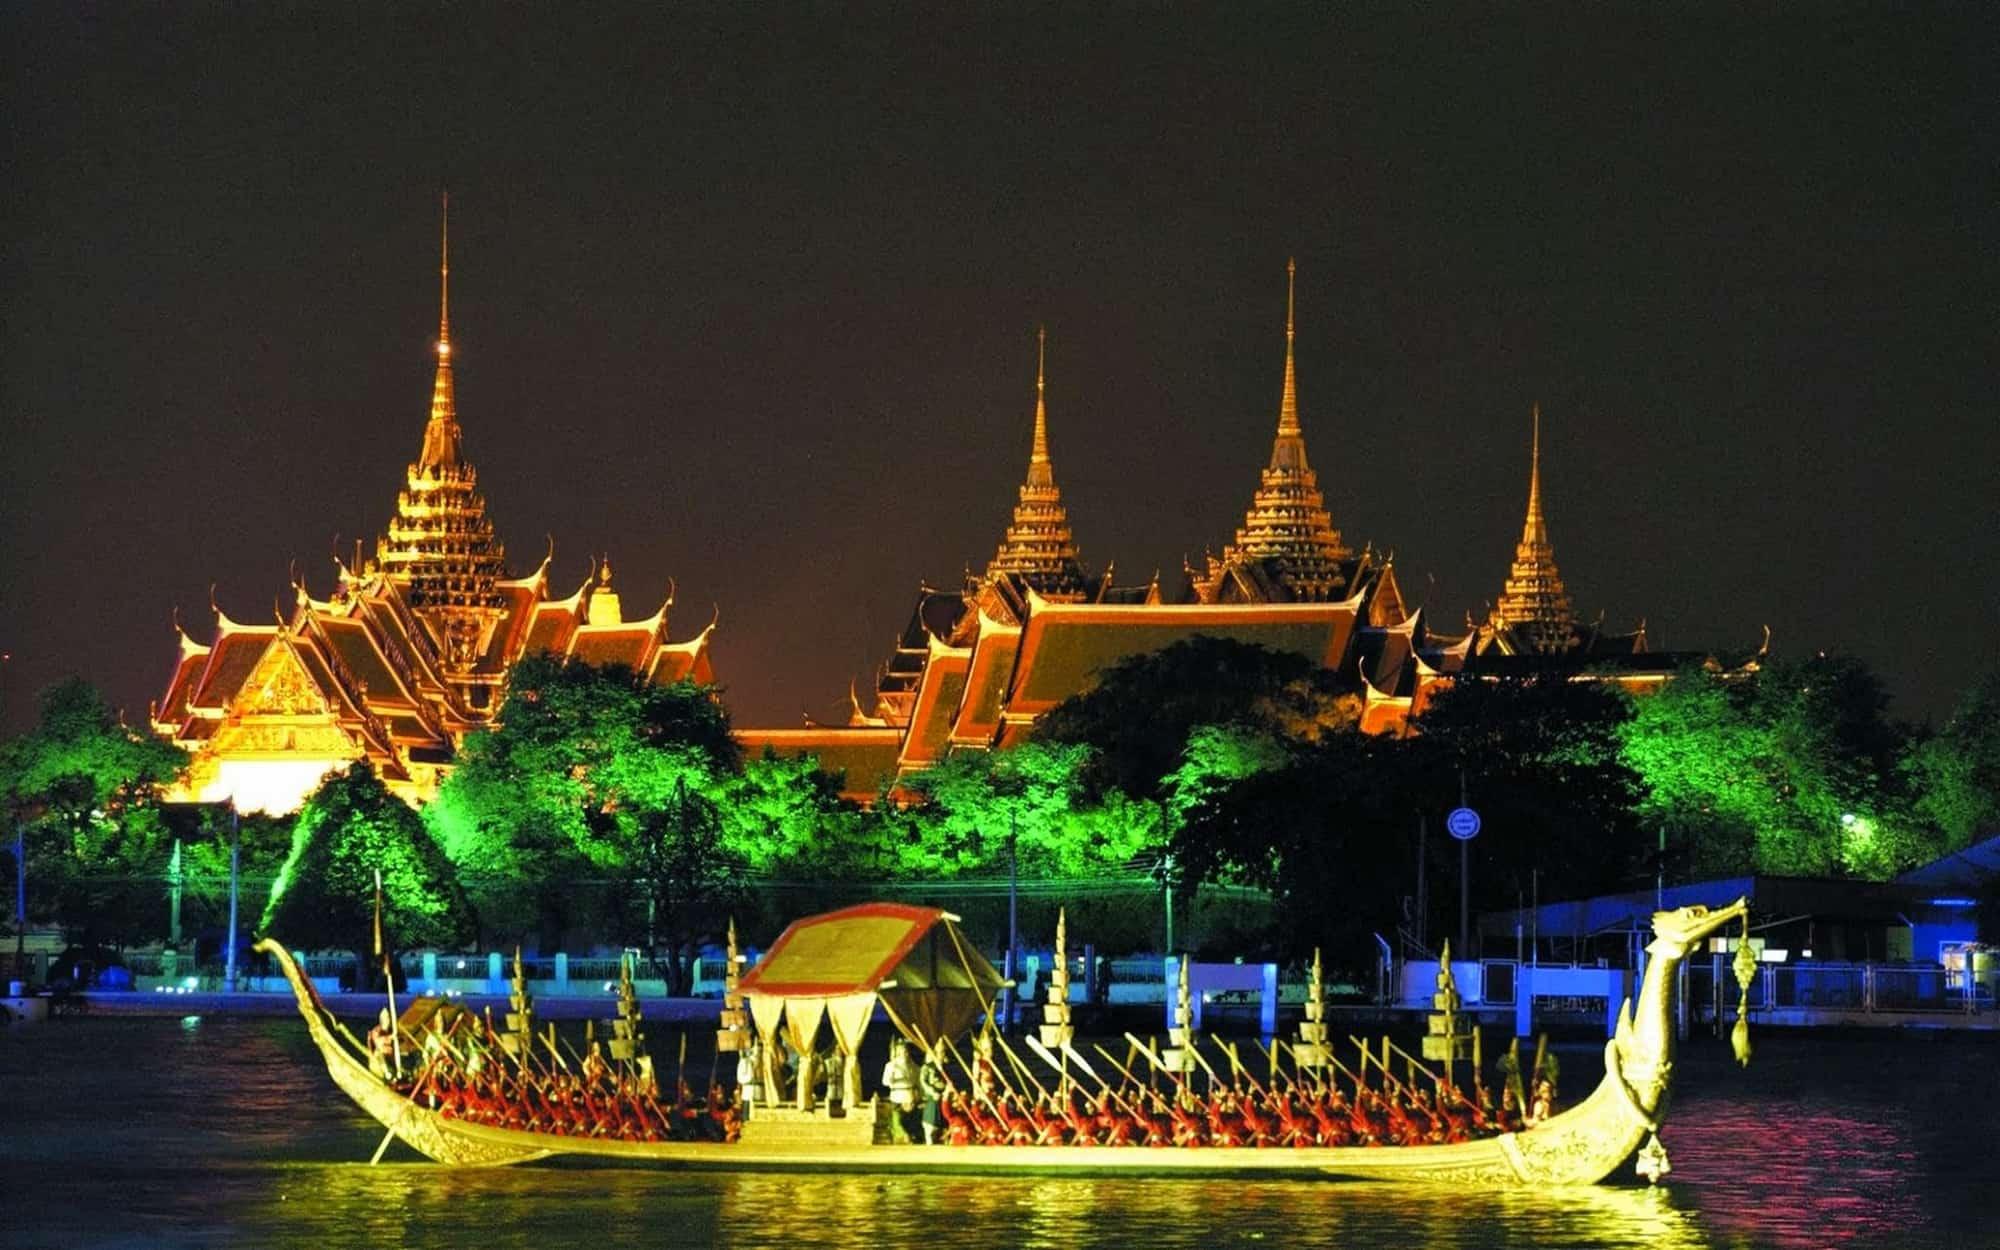 السياحة فى حديقه راما التاسع فى  بانكوك فى تايلاند | حديقة راما التاسع فى بانكوك